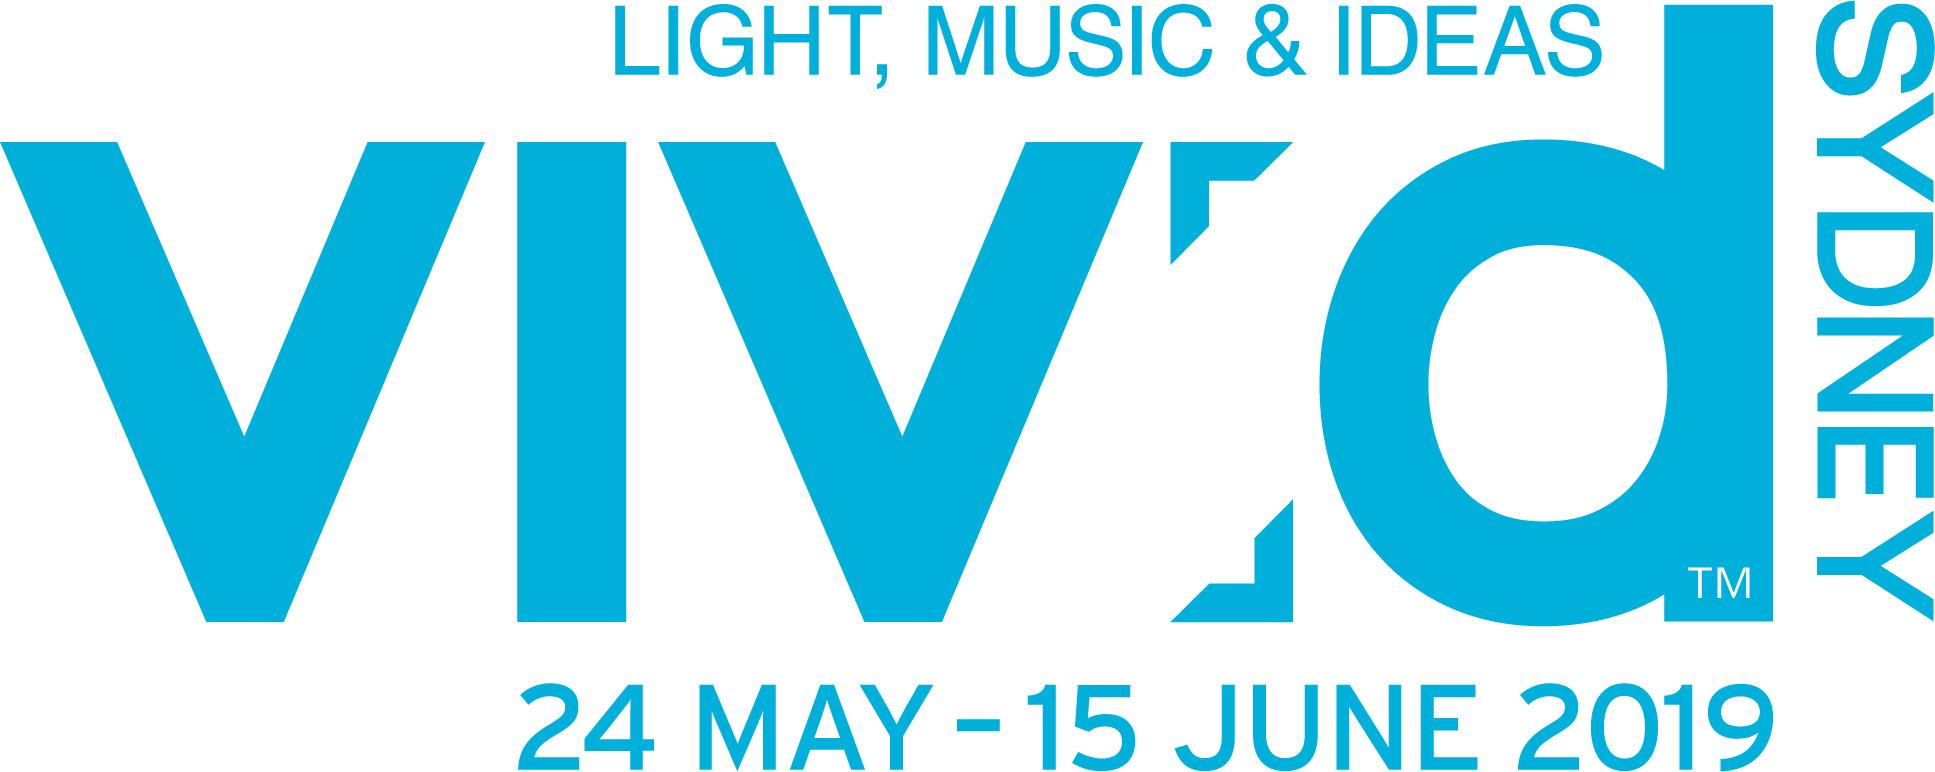 Vivid Ideas 2019 logo